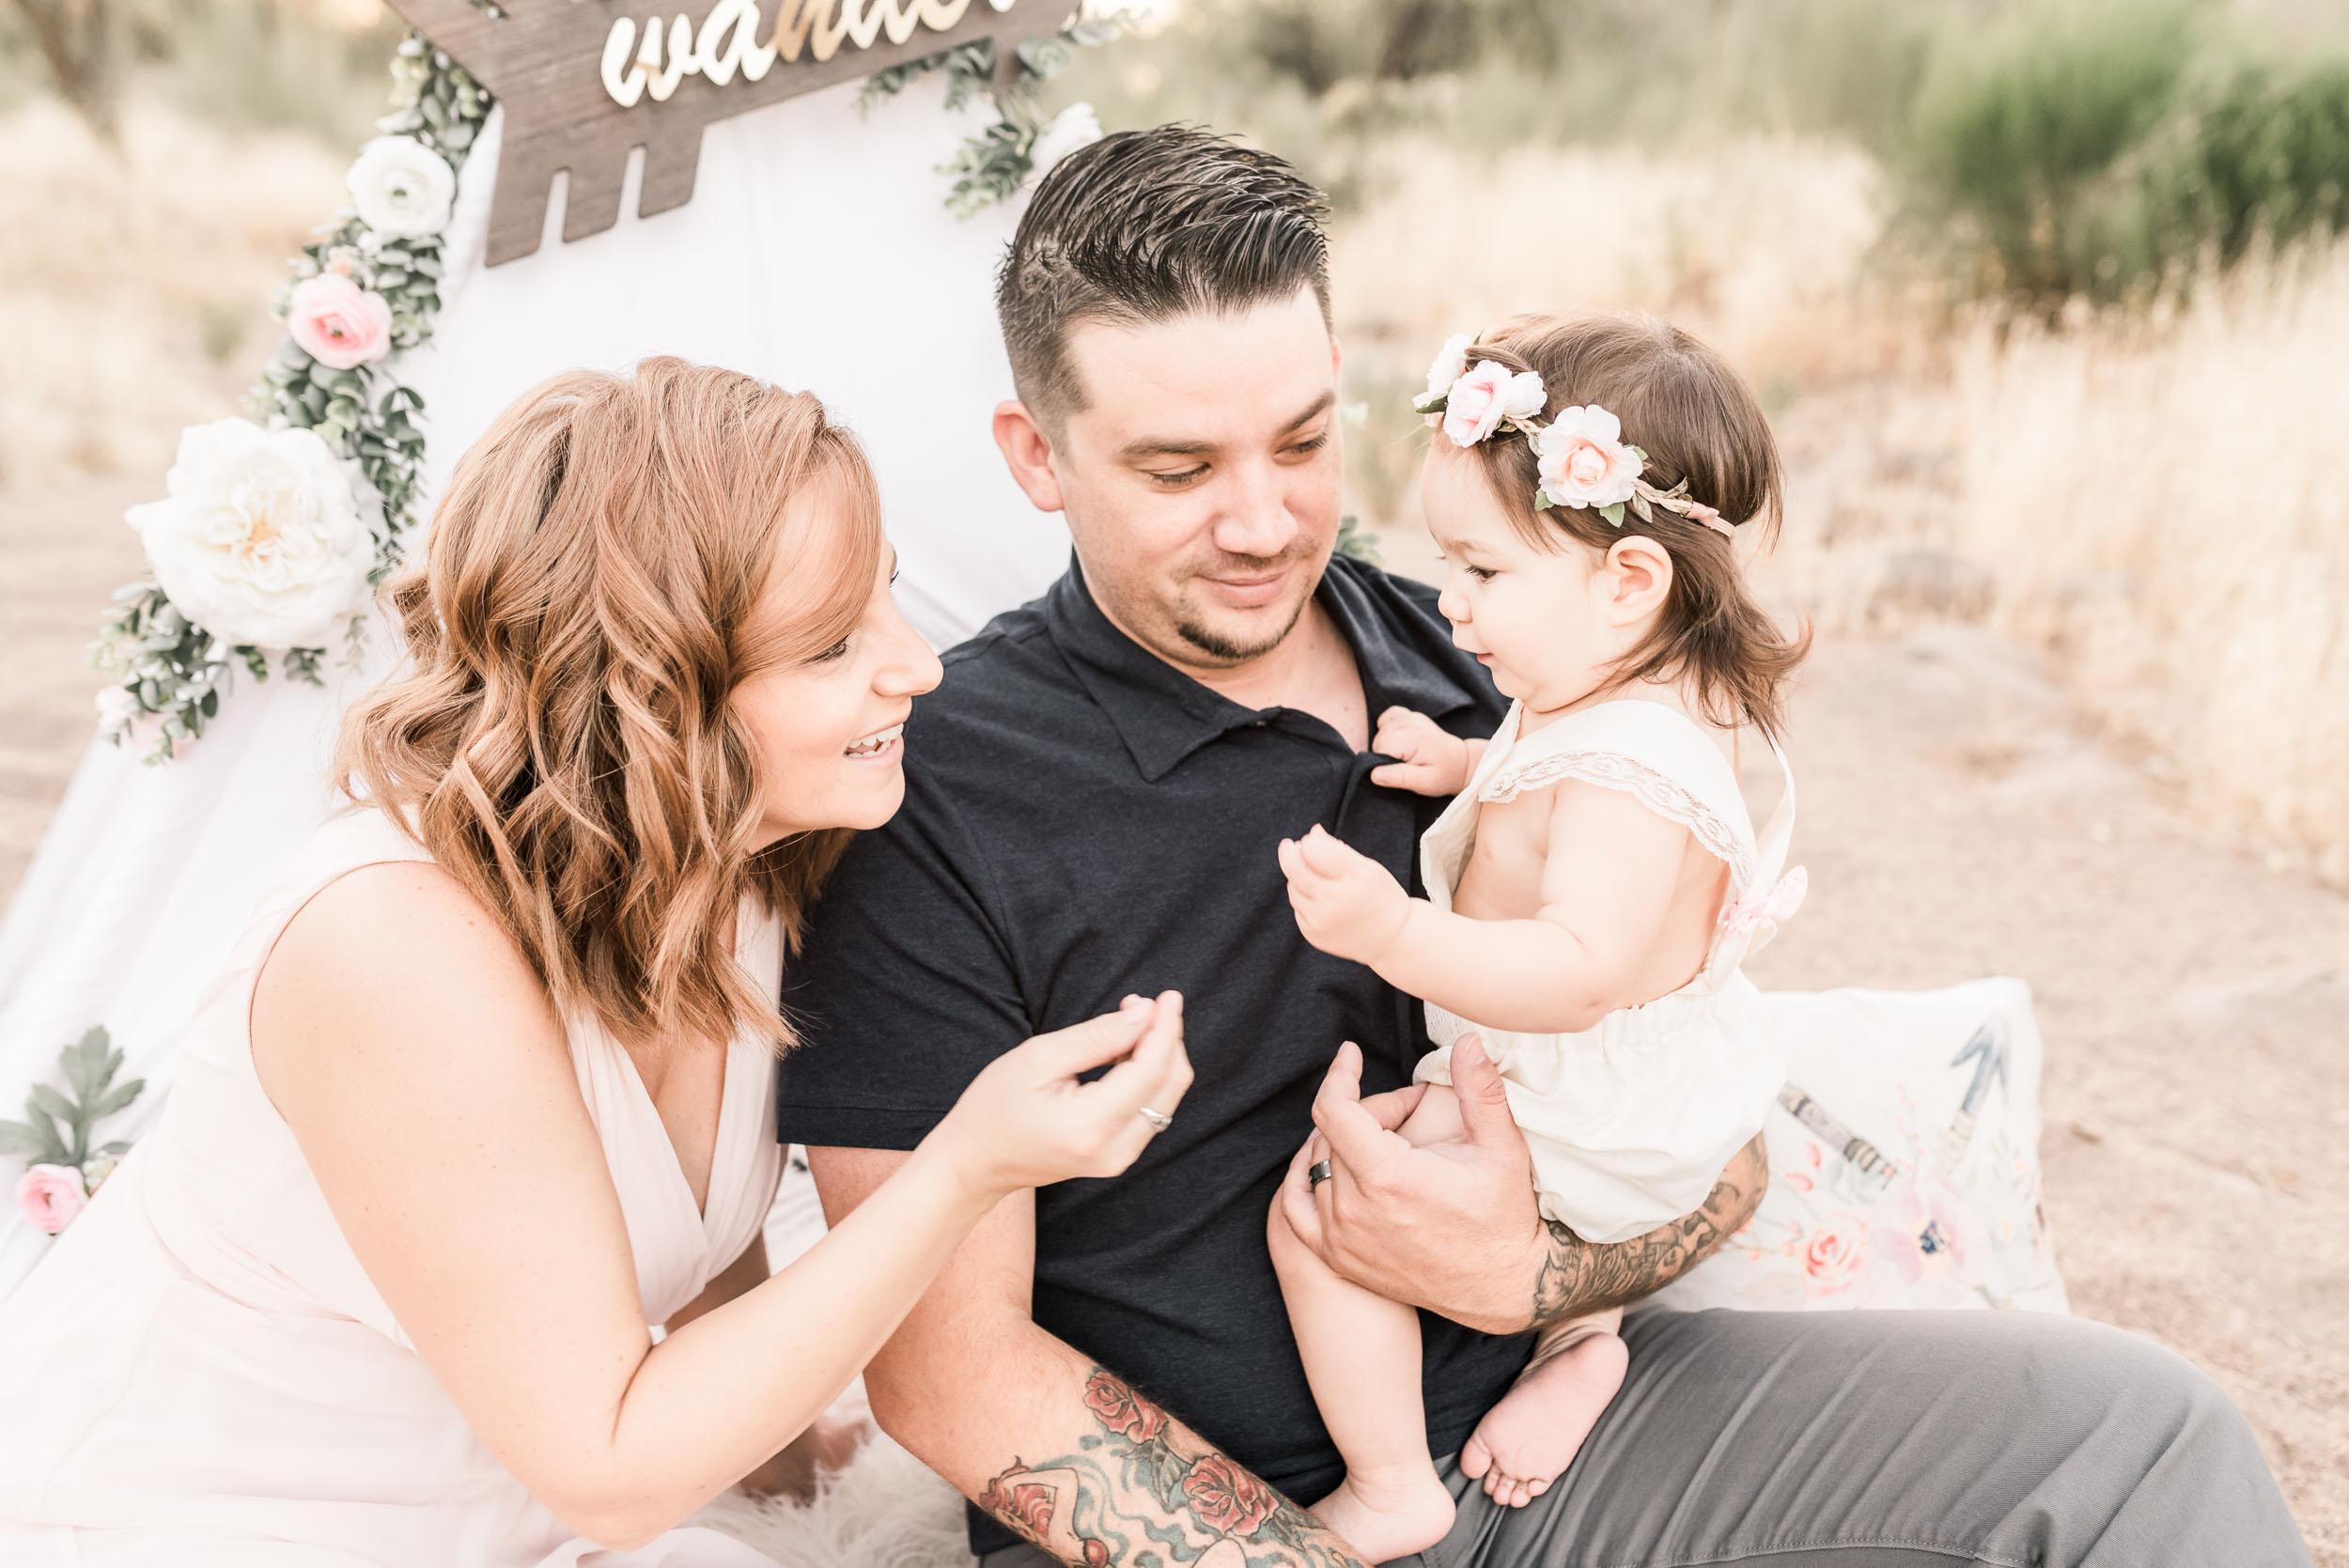 RachaelLaynePhotography_SCfamilyphotographer06.jpg